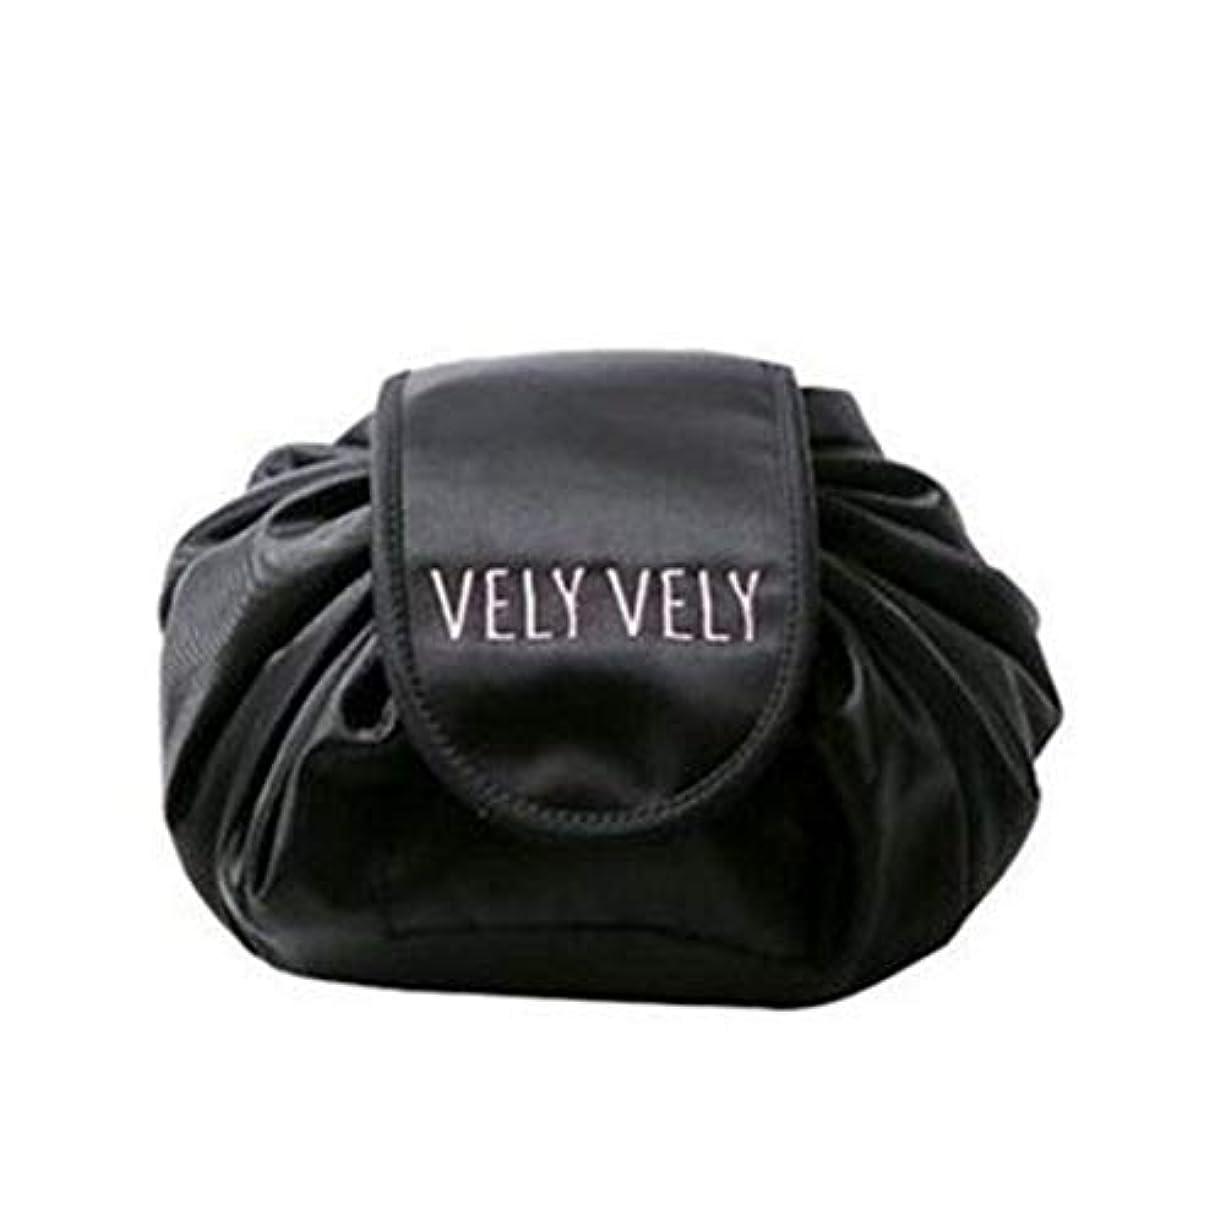 大理石発生ドック[テンカ]化粧バッグ 収納 メイクバッグ 化粧ポーチ 大容量 レディース 旅行 おしゃれ 折畳式 巾着型 防水